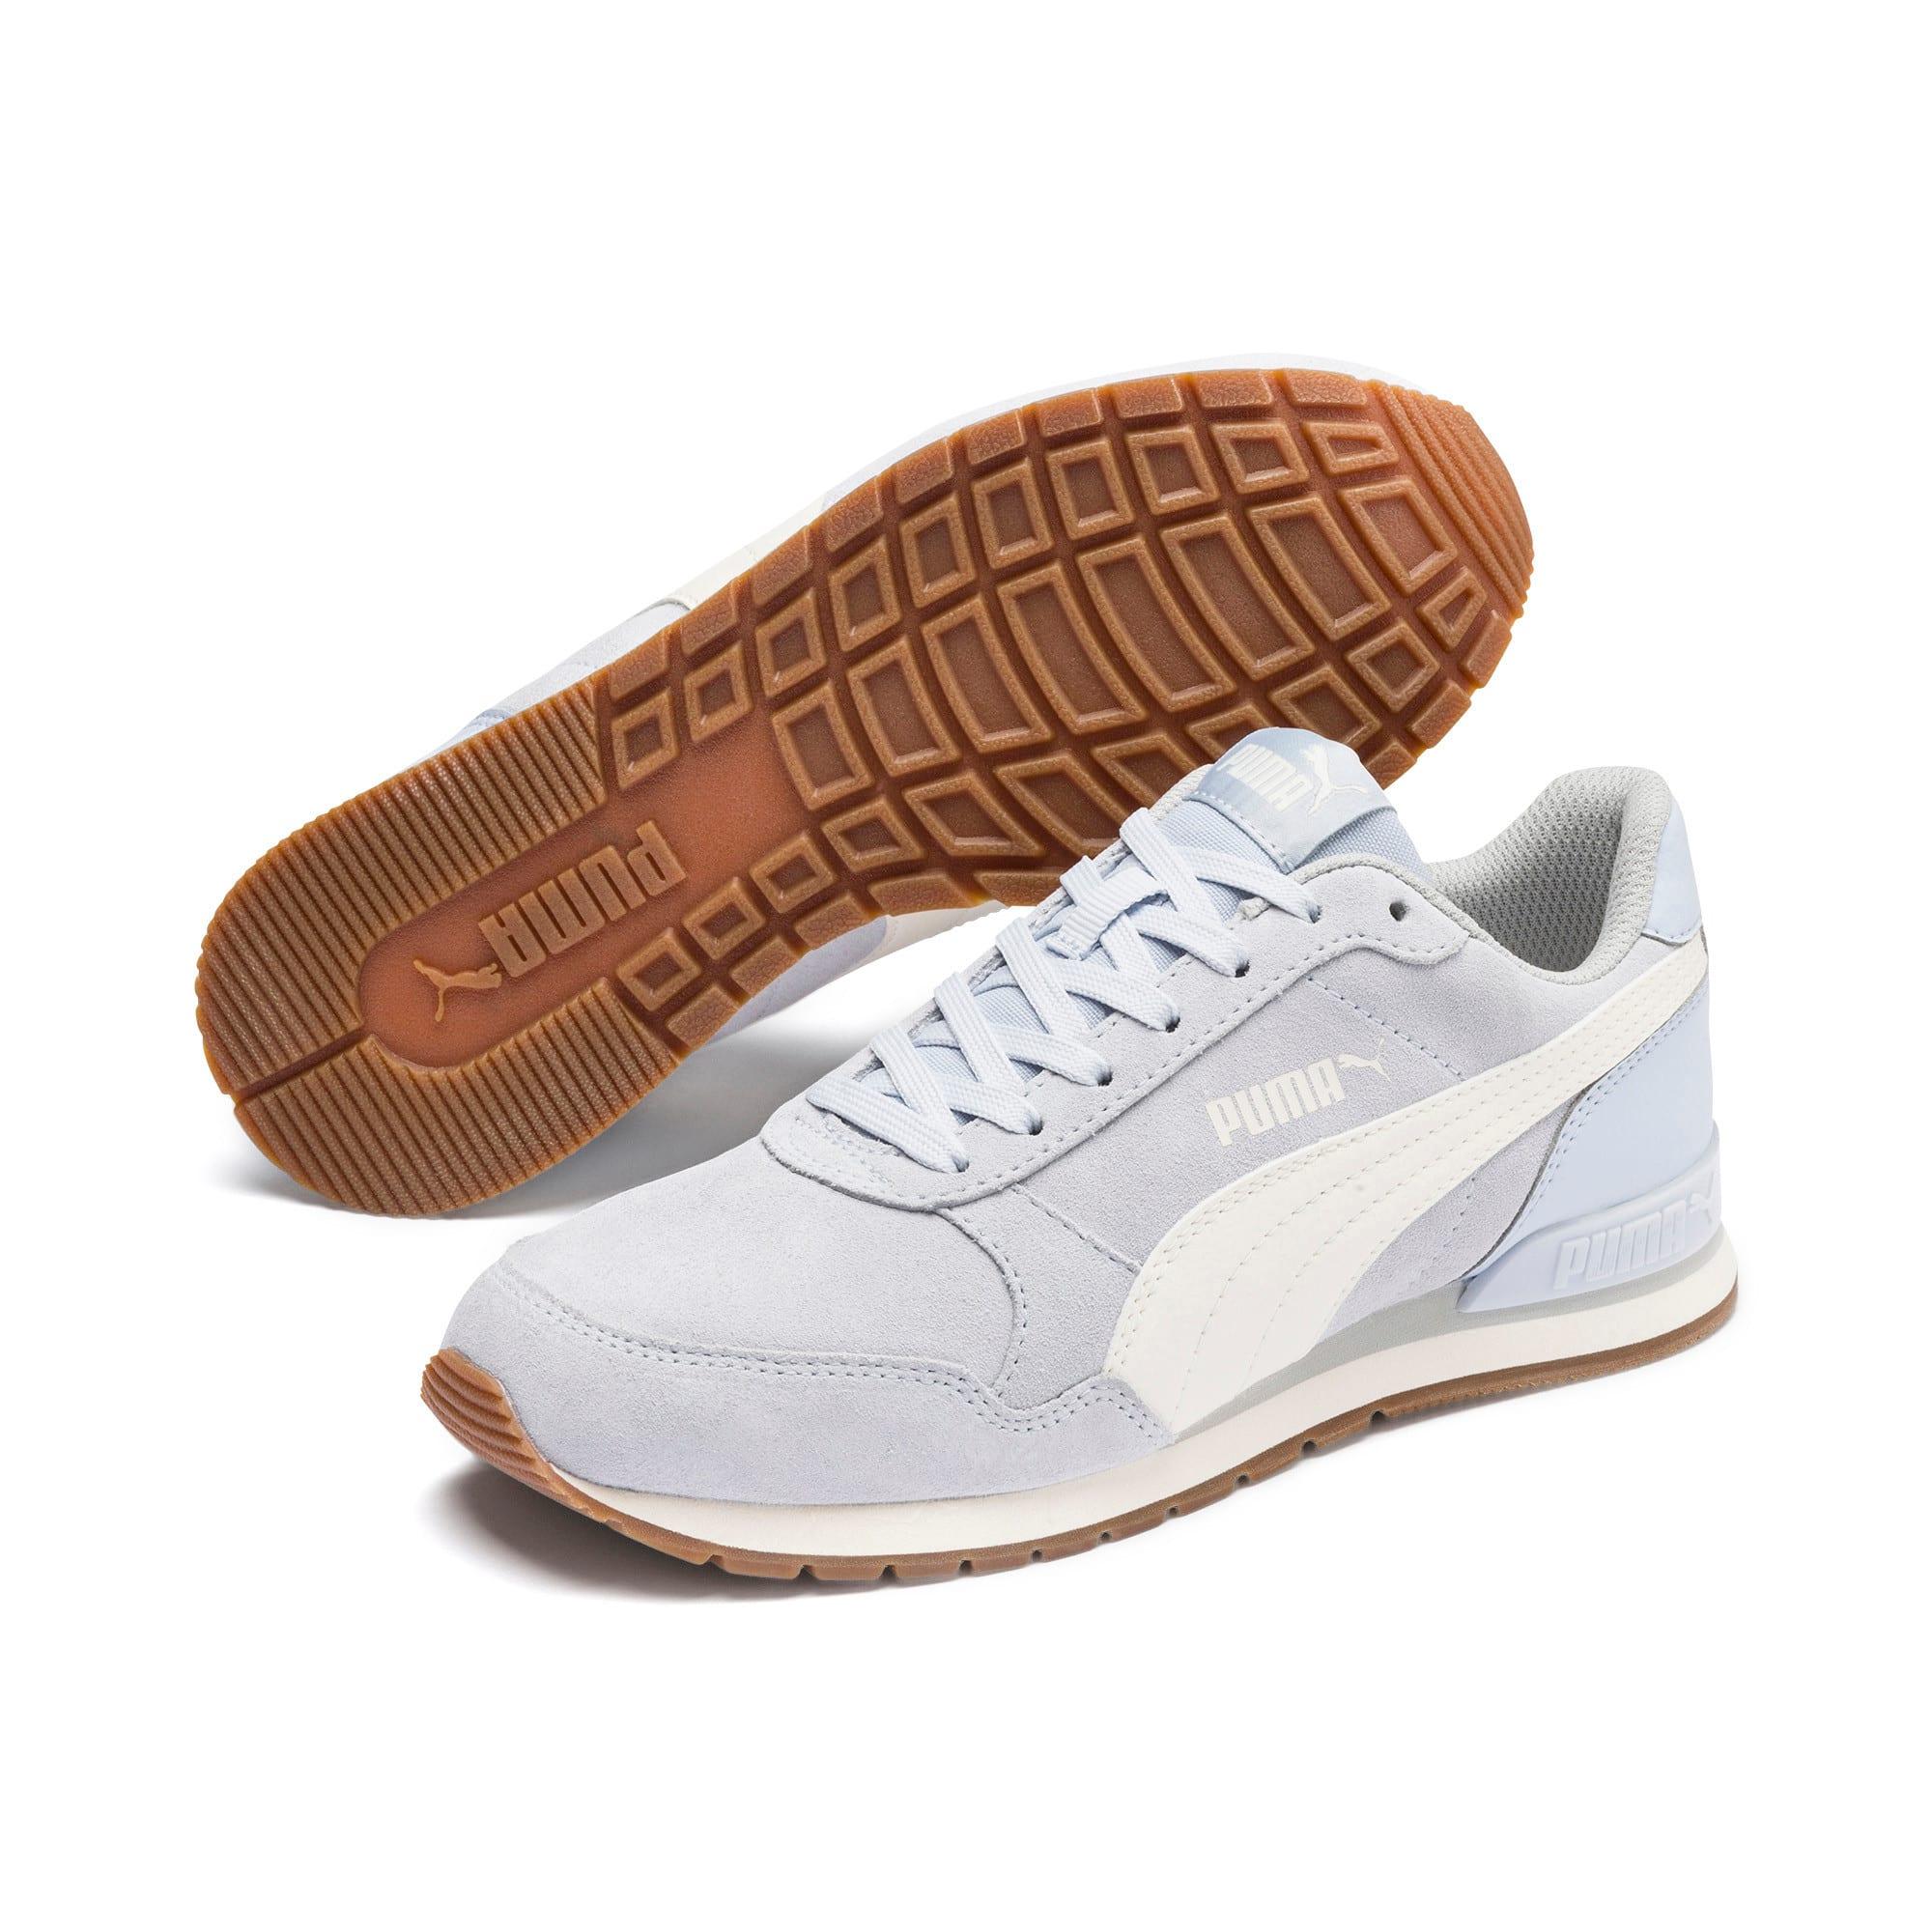 Thumbnail 2 of ST Runner v2 Suede Sneakers JR, Heather-Whisper White, medium